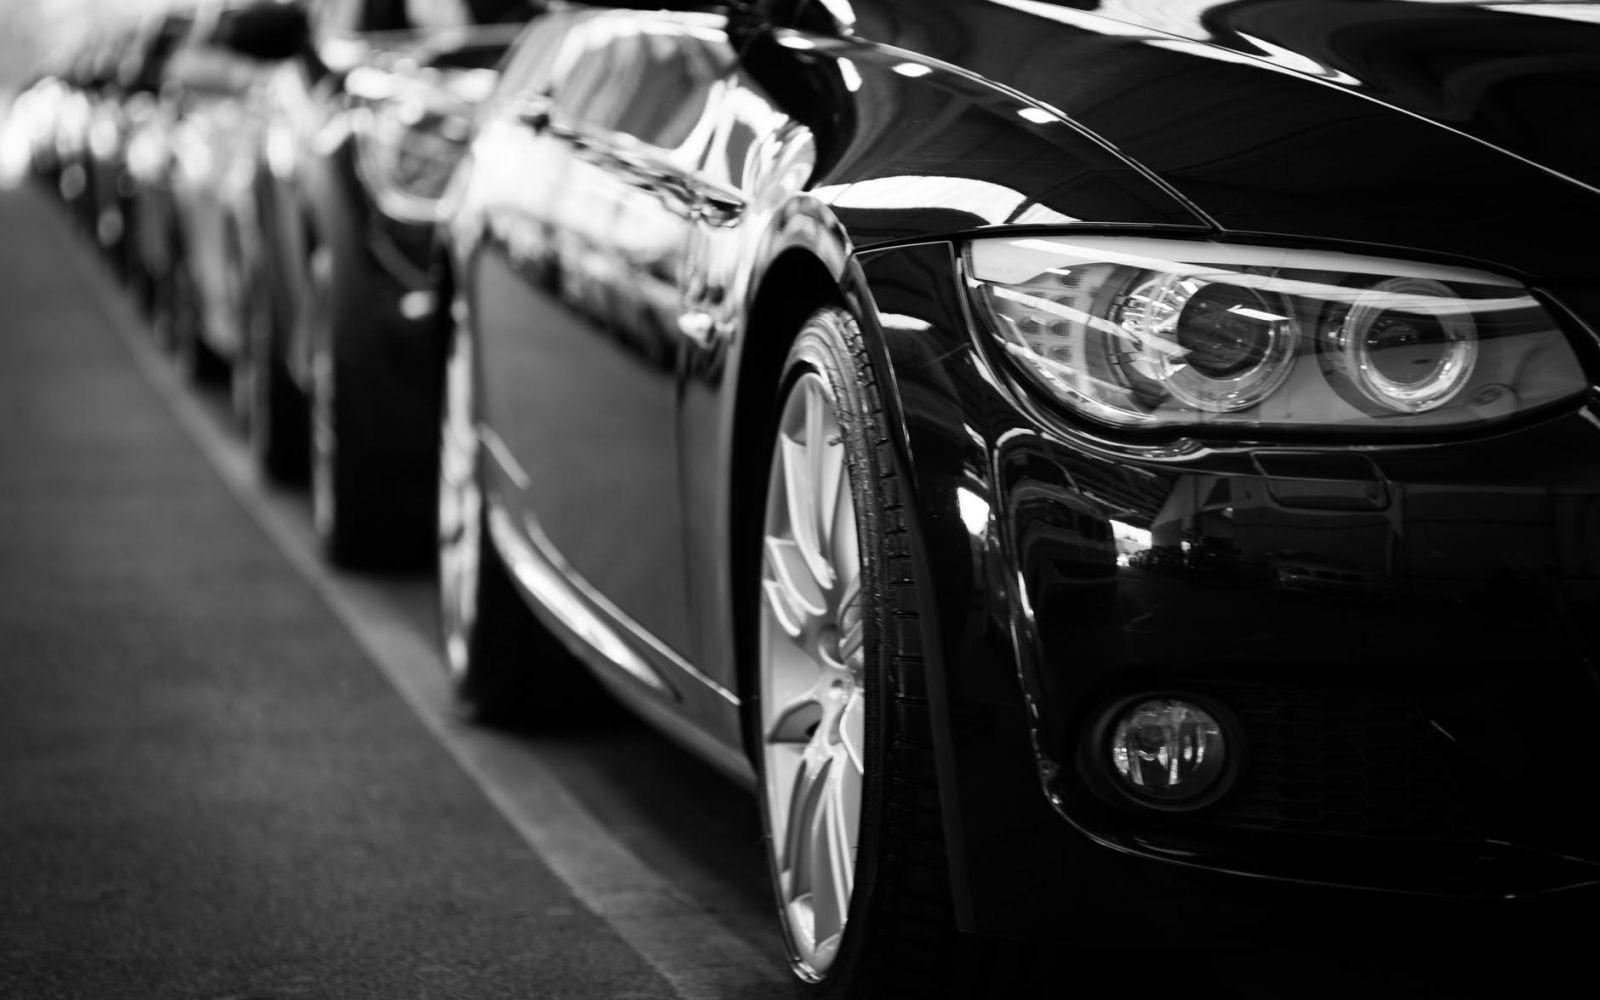 Új adószabály hozhat fellendülést a lízingpiacon és az autóeladásokban